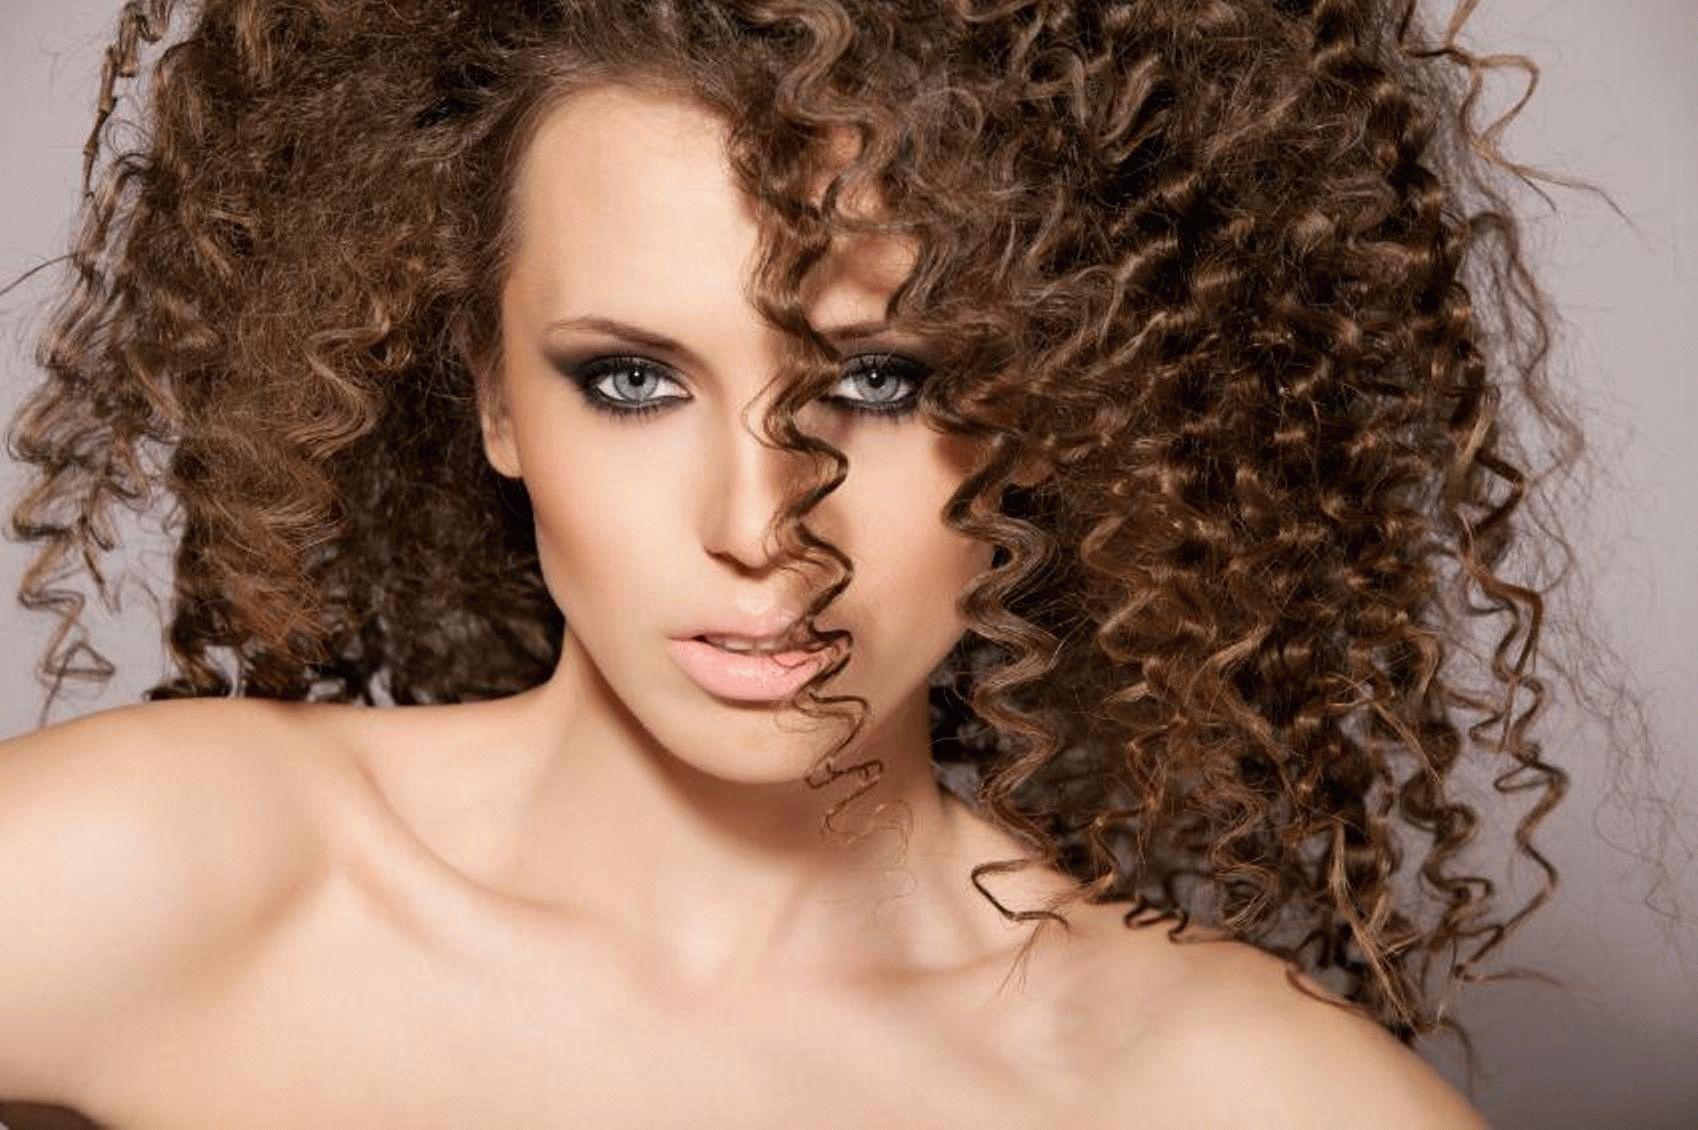 Работа над ошибками: средства для выпрямления волос после хи